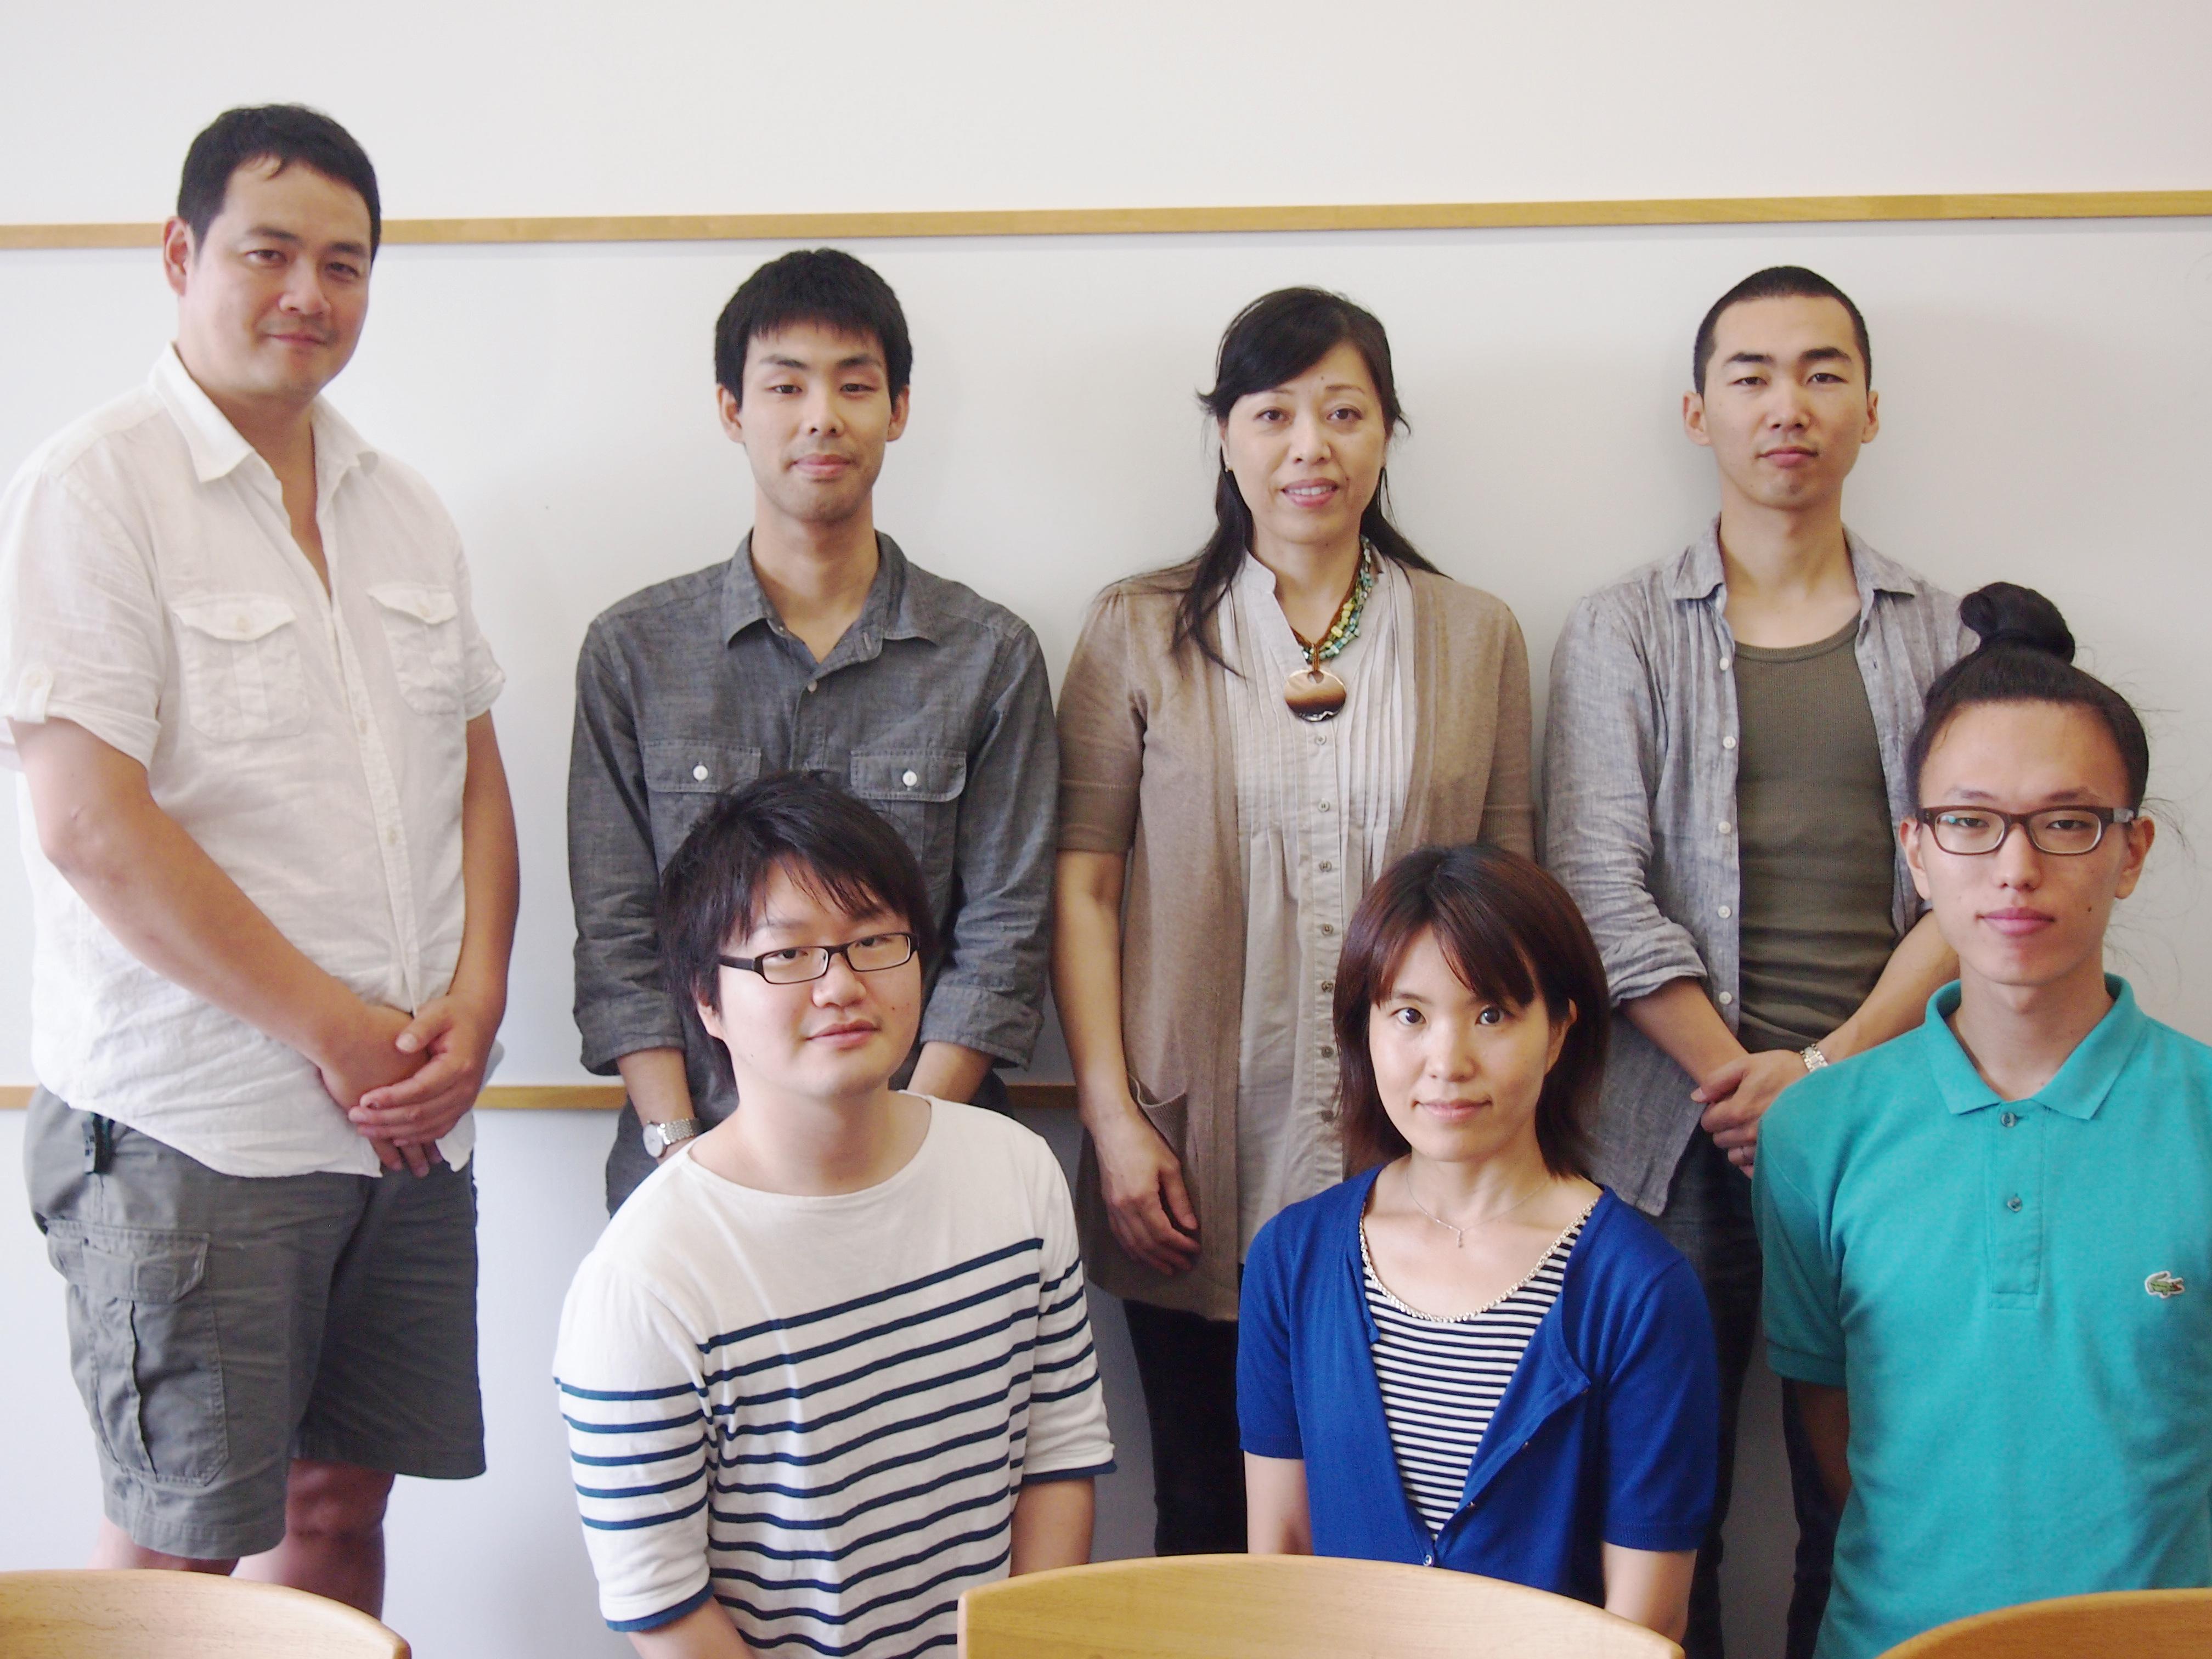 今田先生(イギリス・Brunel大学講師)が研究報告会を実施しました